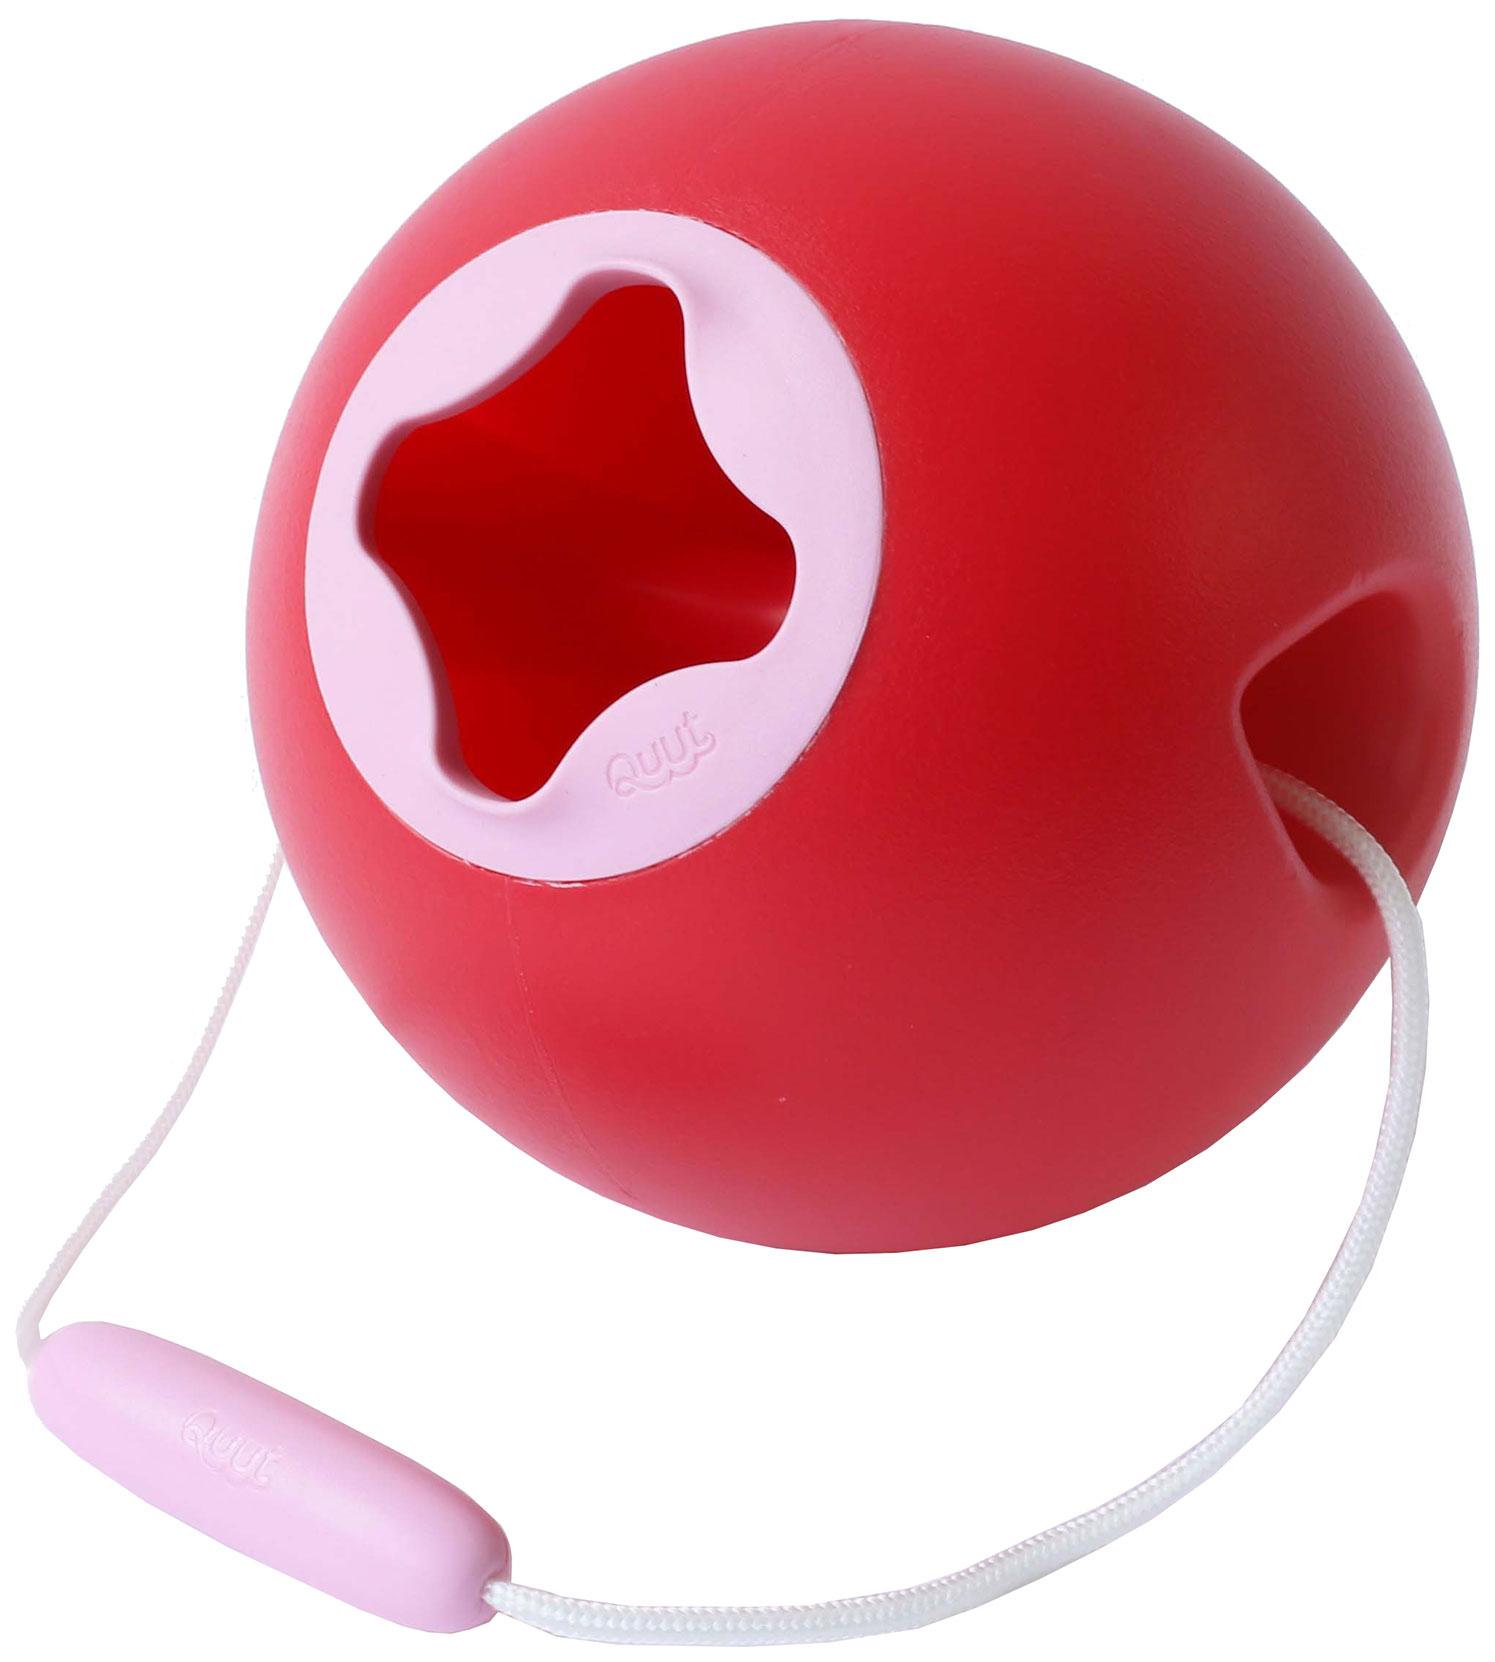 Ведерко Quut Ballo Sweet Pink + Cherry